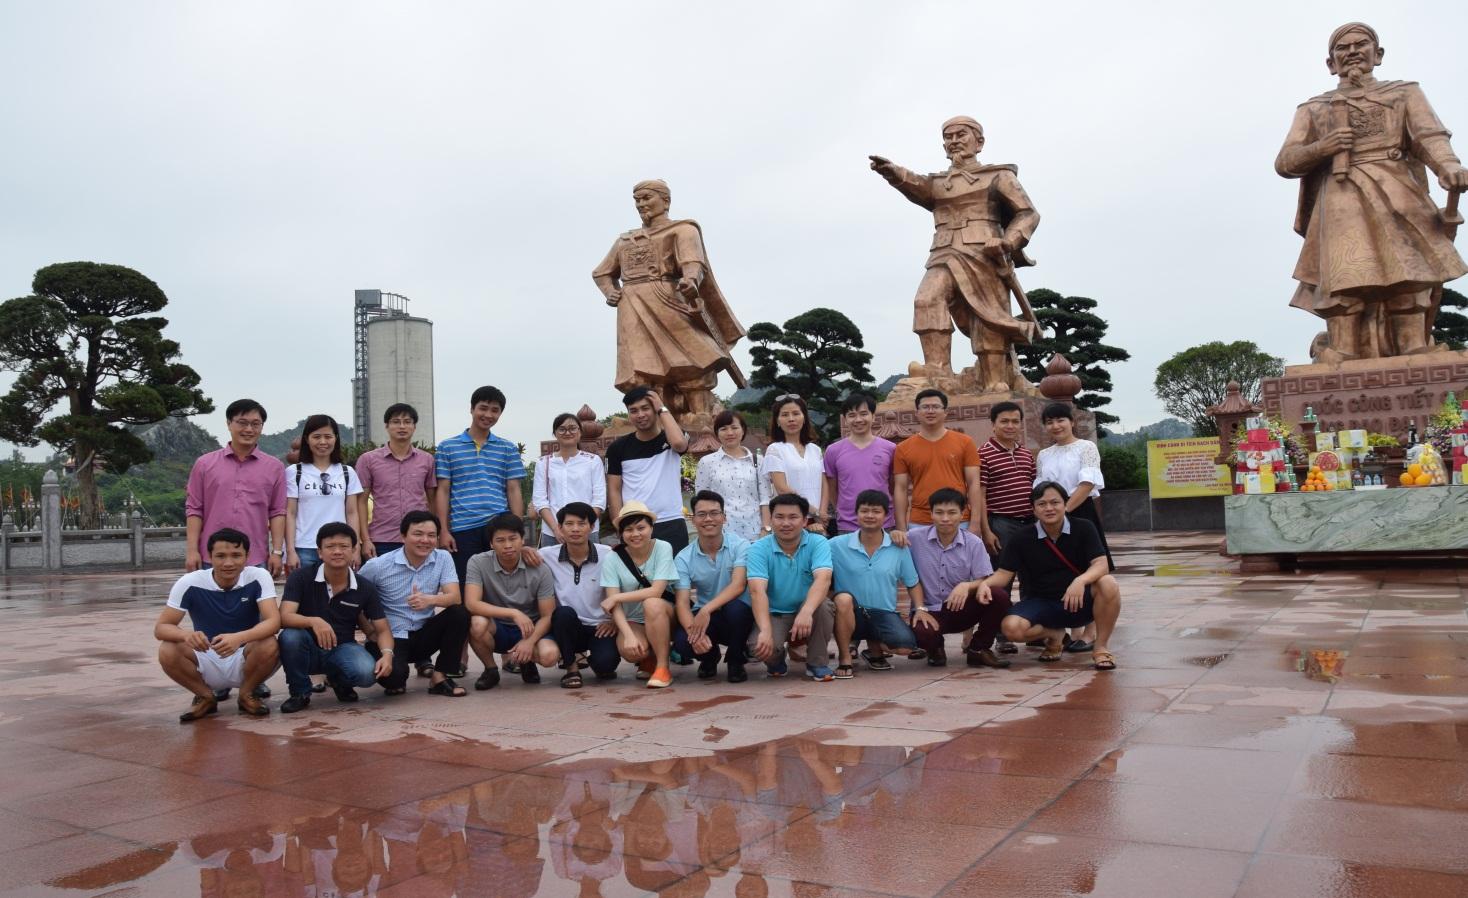 Đoàn thanh niên Sở Tài nguyên và Môi trường thăm Khu di tích Bạch Đằng Giang, thị trấn Minh Đức, huy